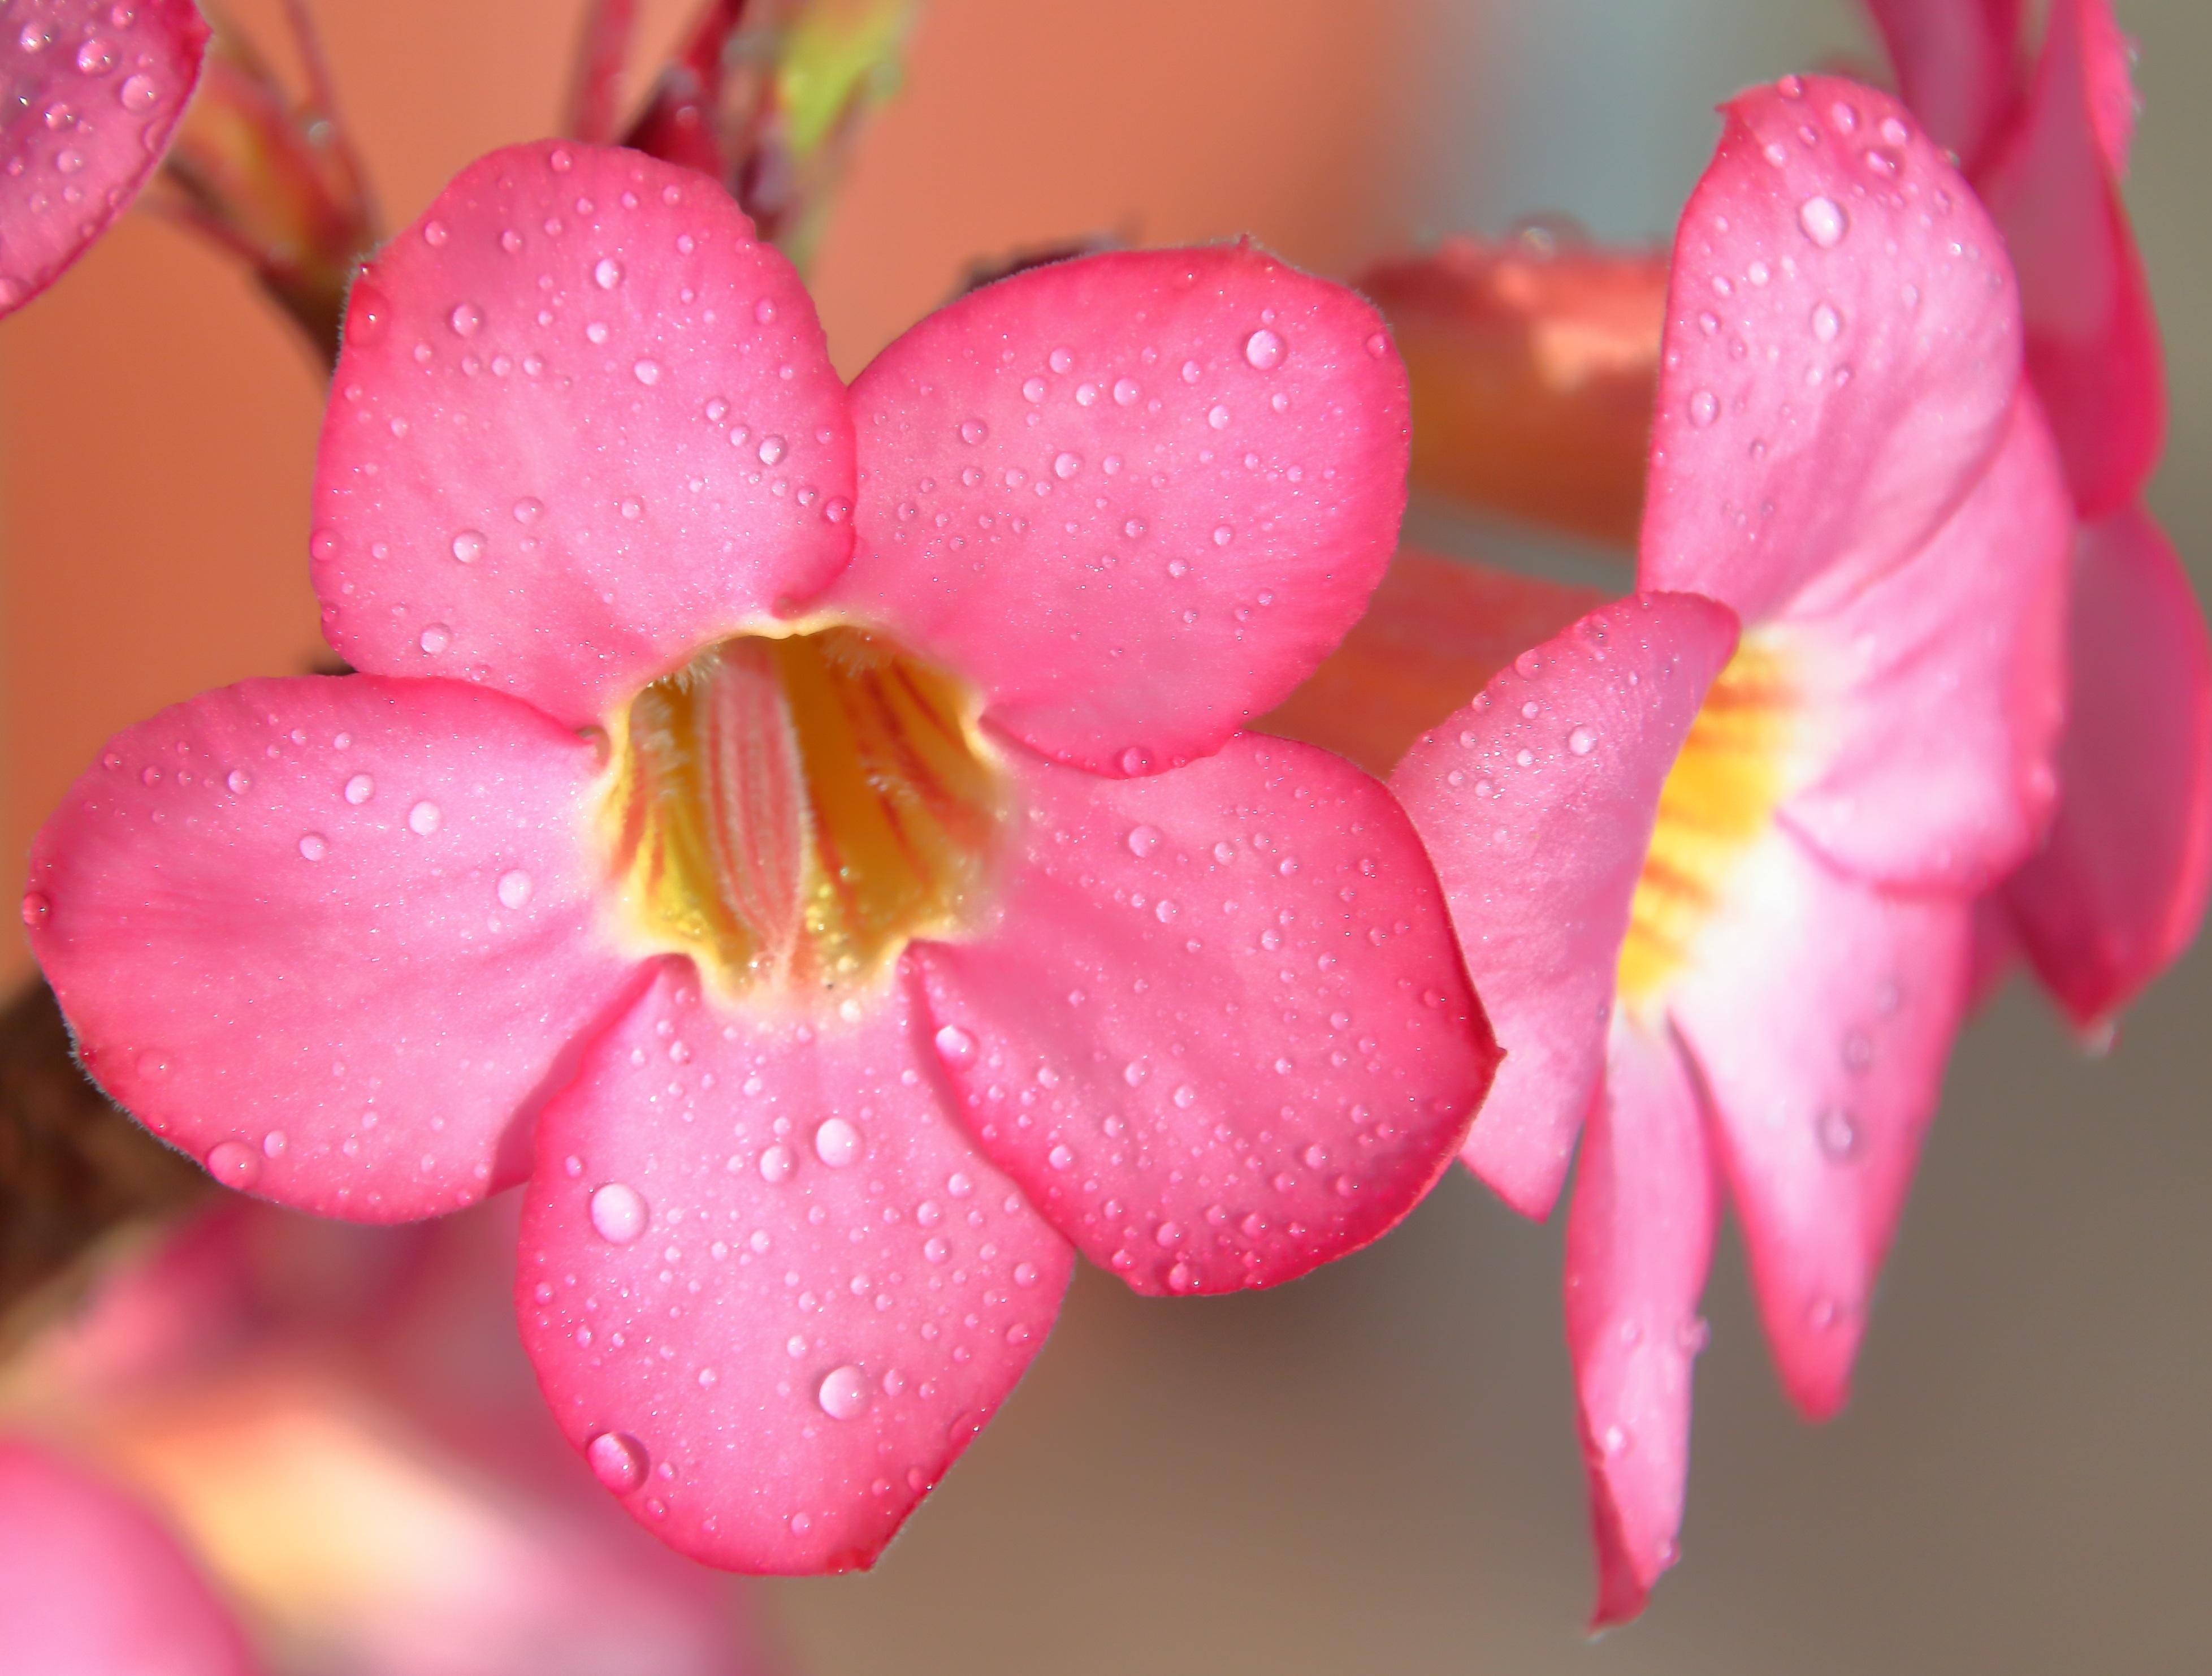 Gambar Layar Air Alam Mekar Menanam Putih Hujan Daun Bunga Basah Musim Semi Hijau Warna Kuning Taman Berwarna Merah Muda Dekat Flora Bunga Bunga Bunga Liar Latar Belakang Kelopak Ungu Rosa Teratai